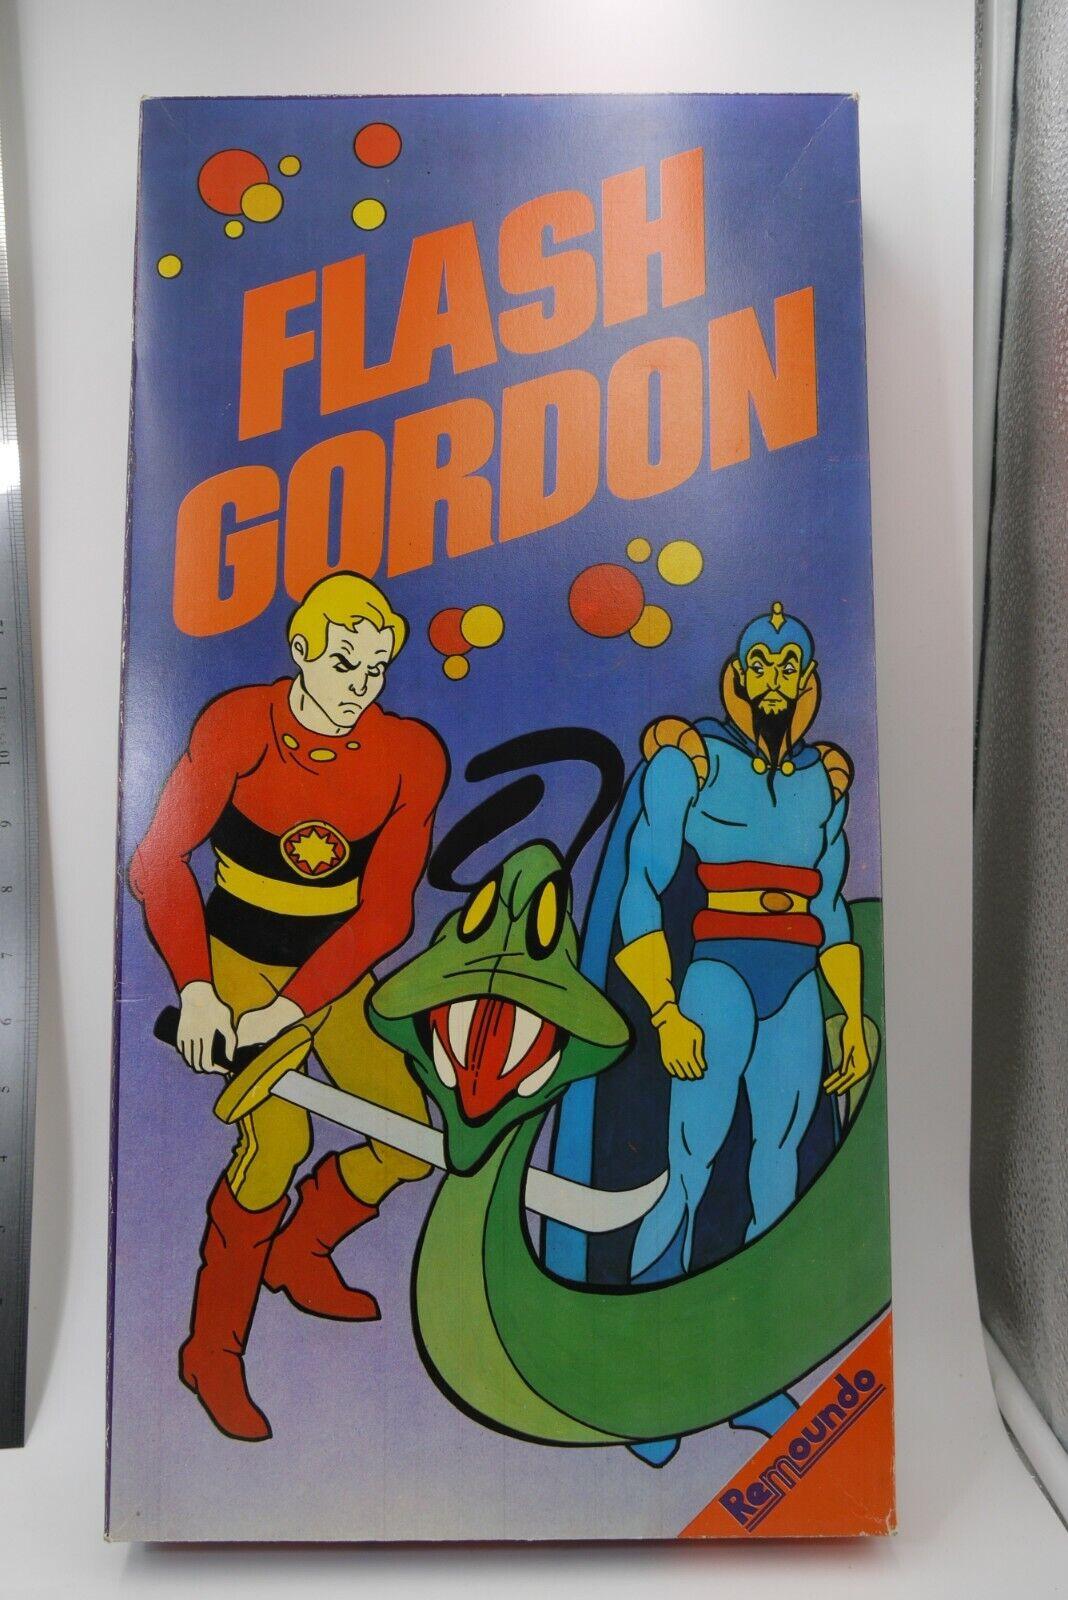 VINTAGE 80'S REMOUNDO FLASH GORDON GREEK tavola gioco completare   risposte rapide